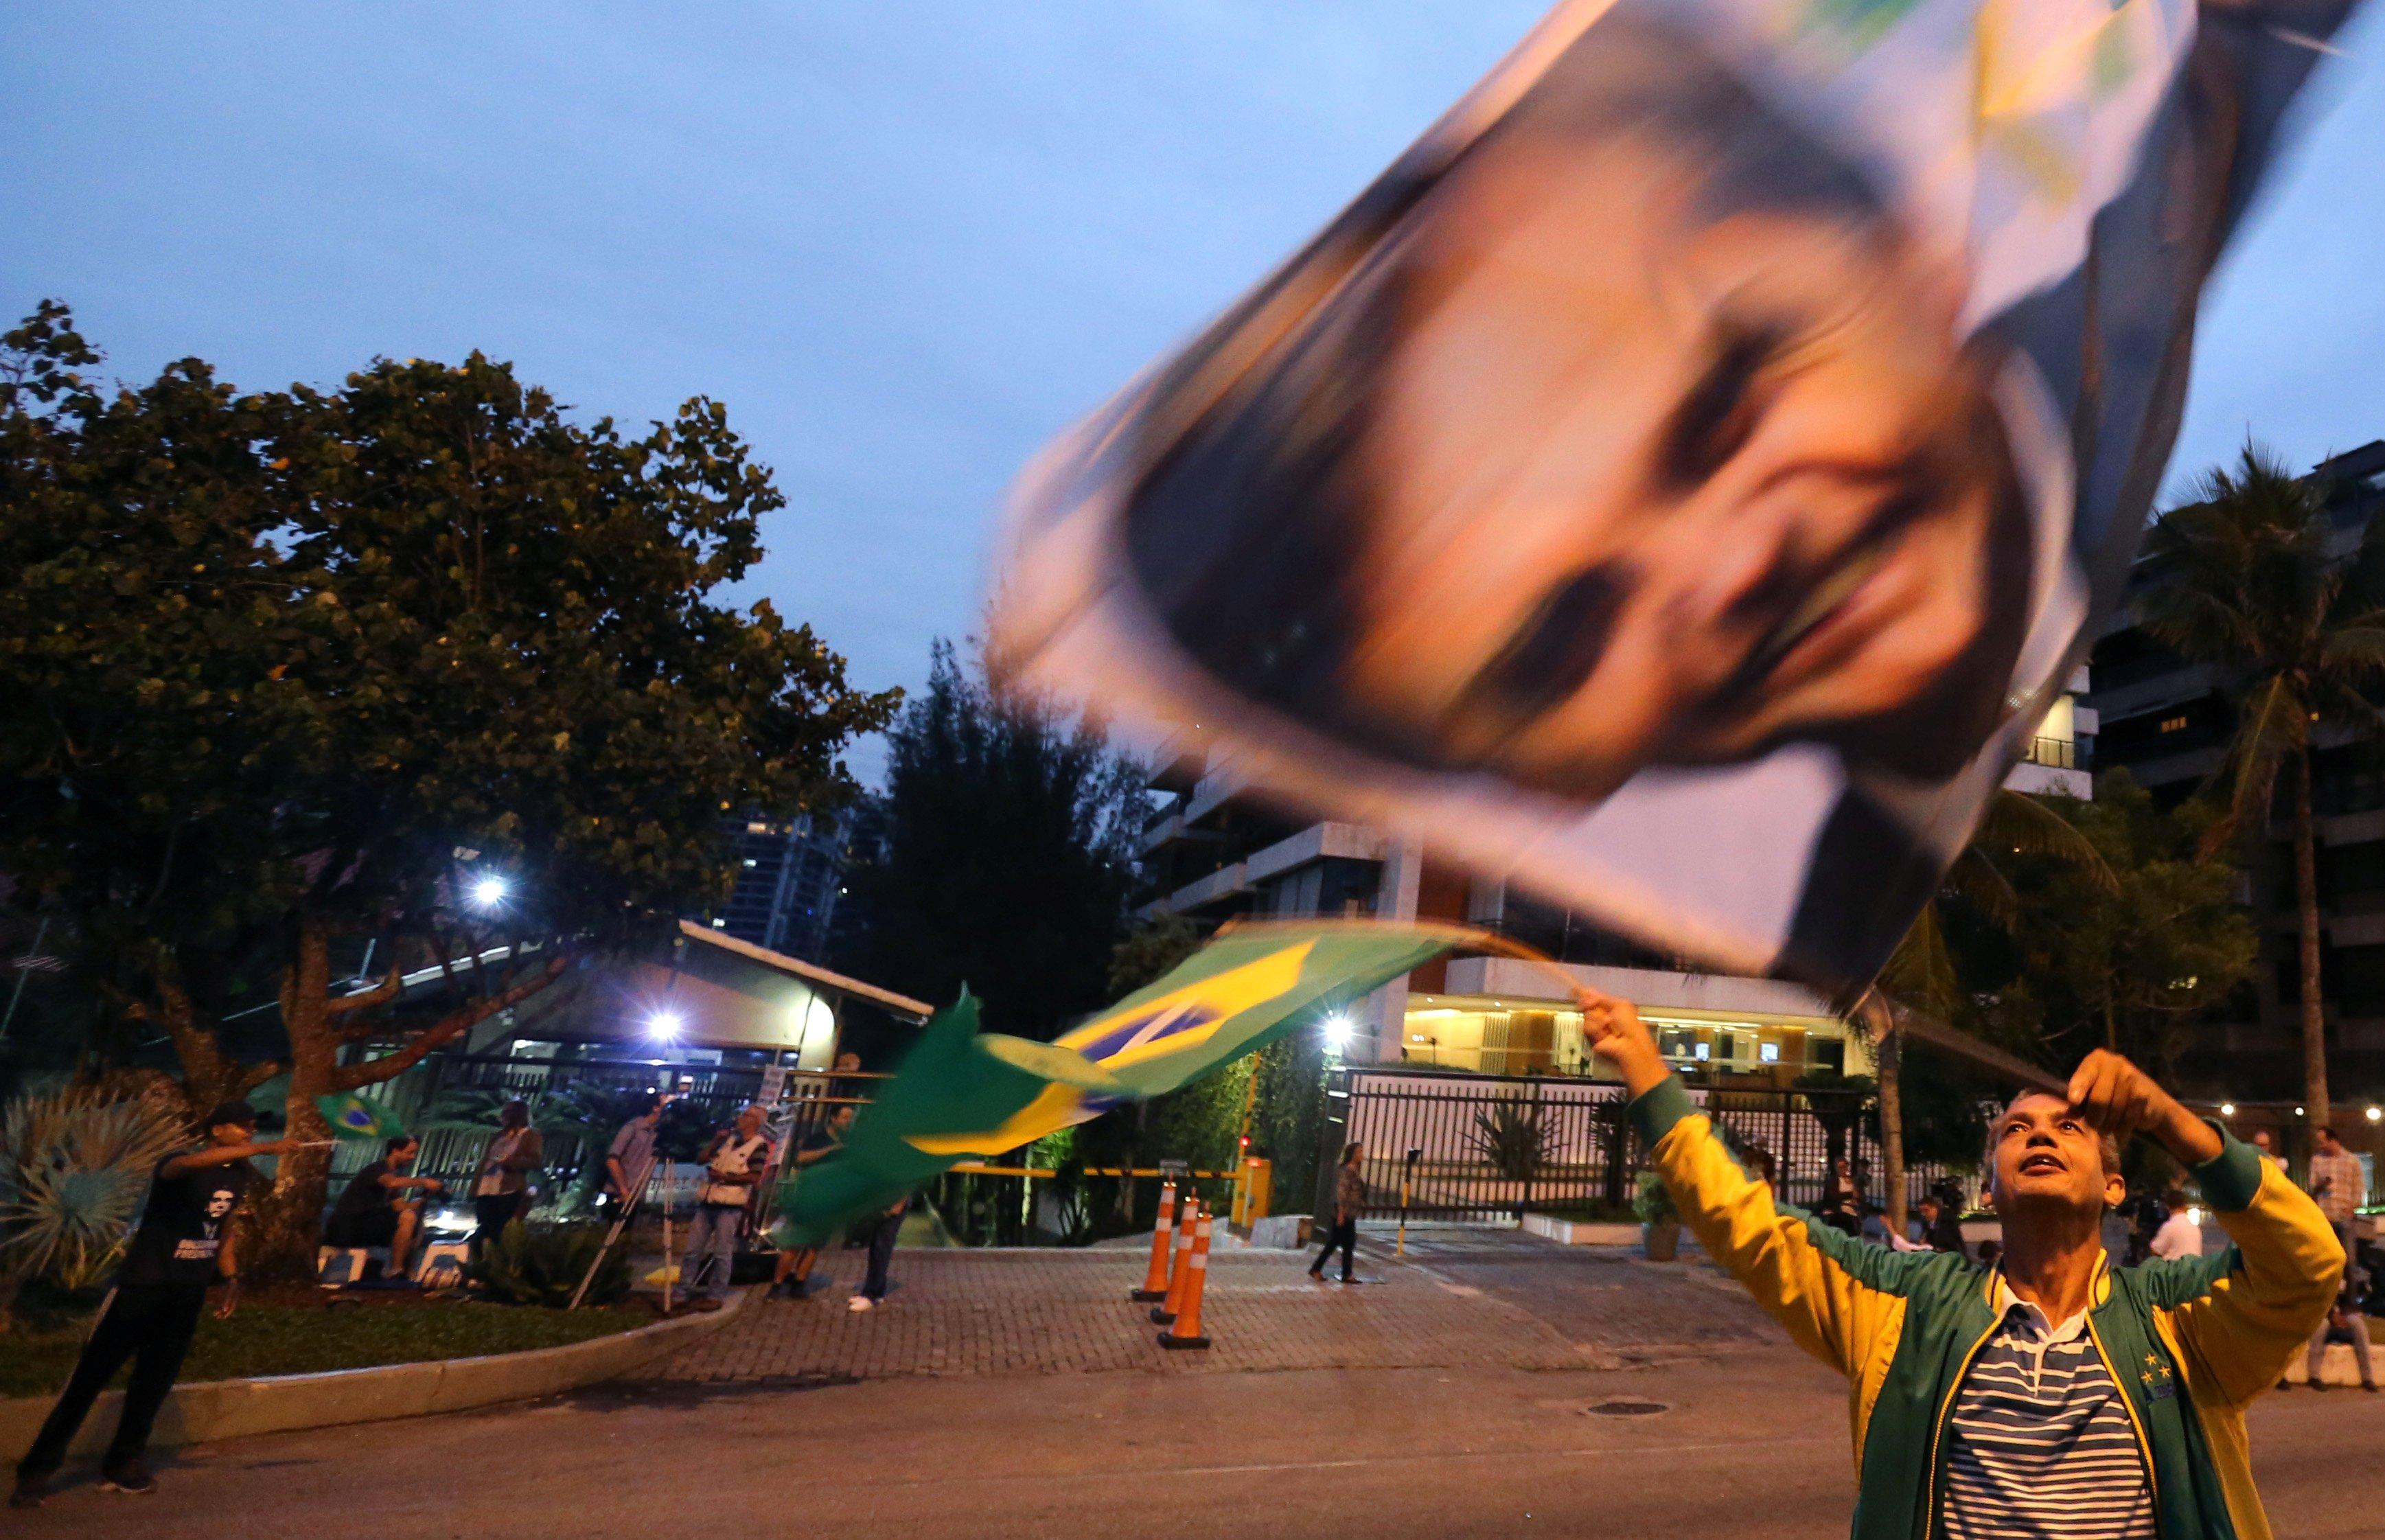 Σχόλιο για τις εκλογές στη Βραζιλία